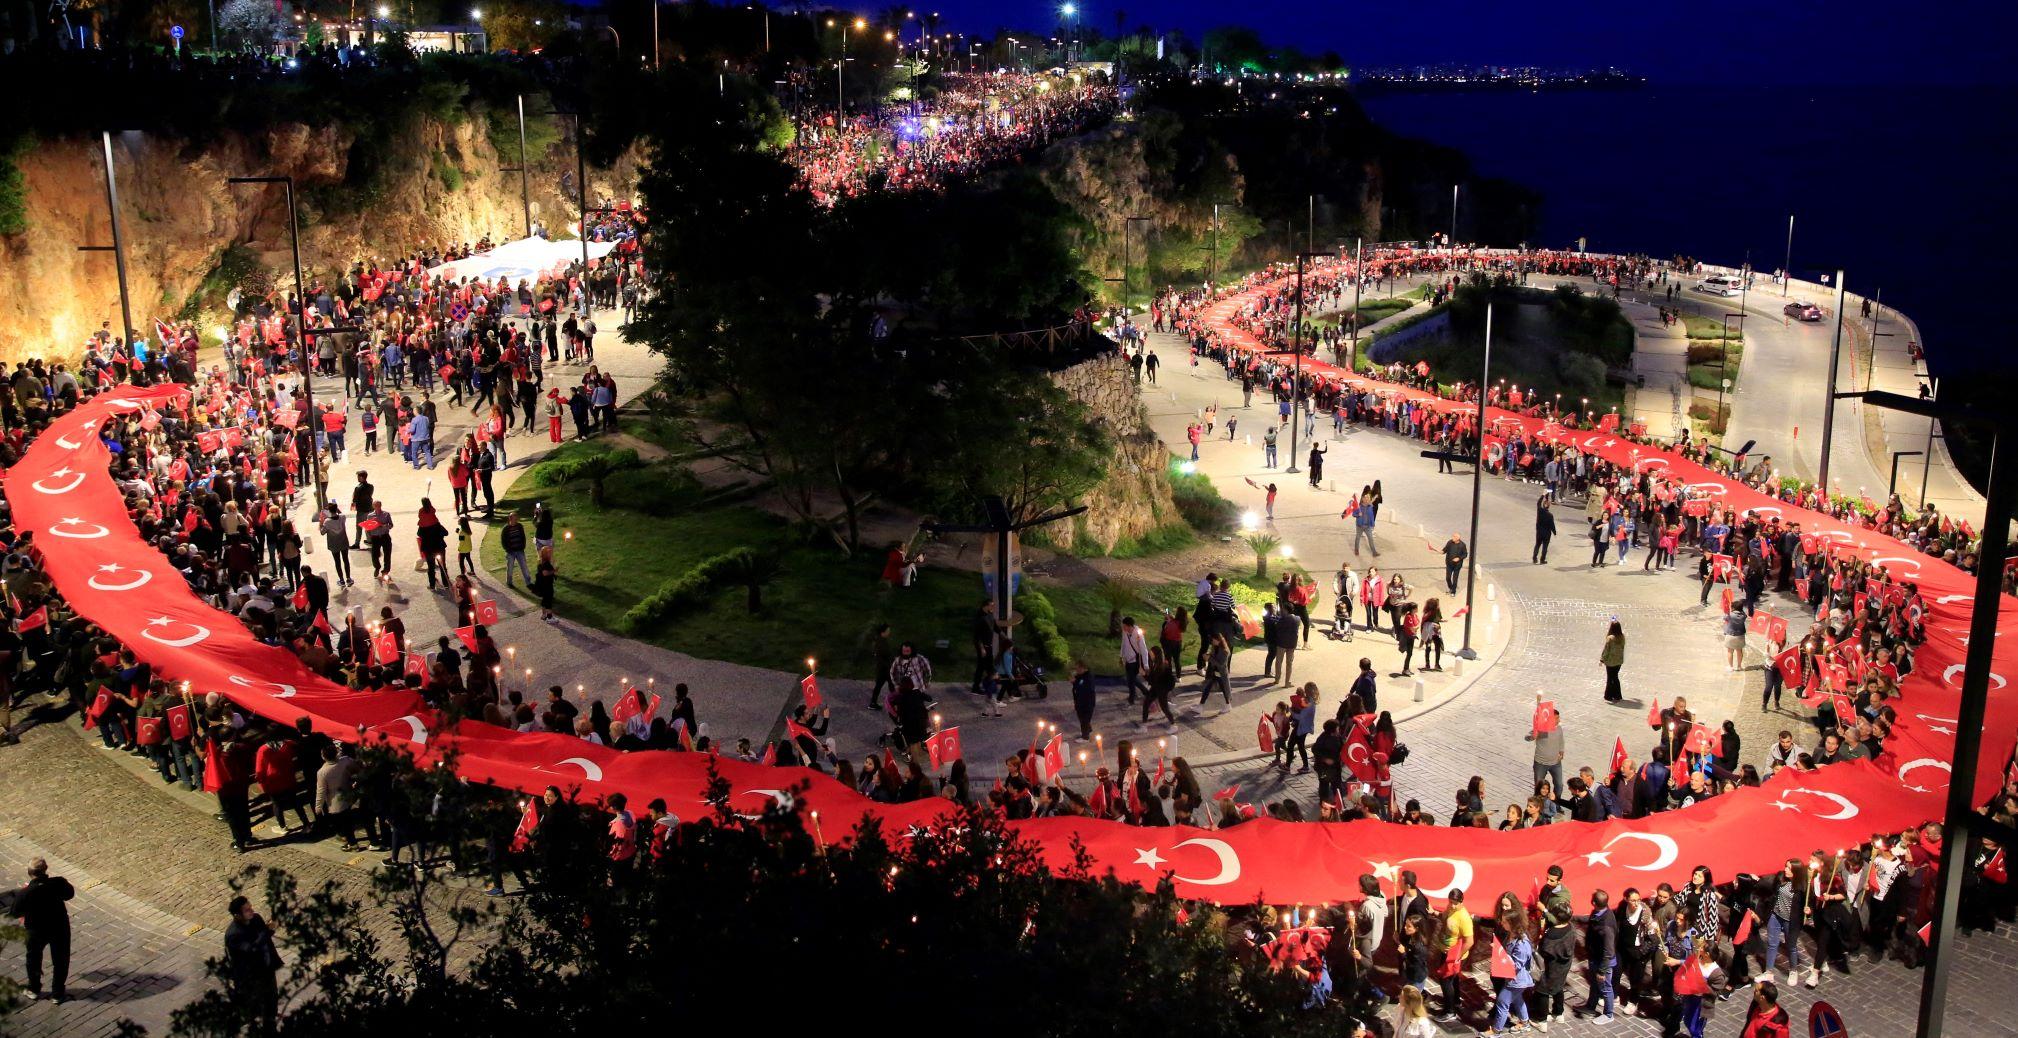 Büyükşehir Belediyesi 30 Ağustos'ta Edis konseri ve fener alayı düzenliyor